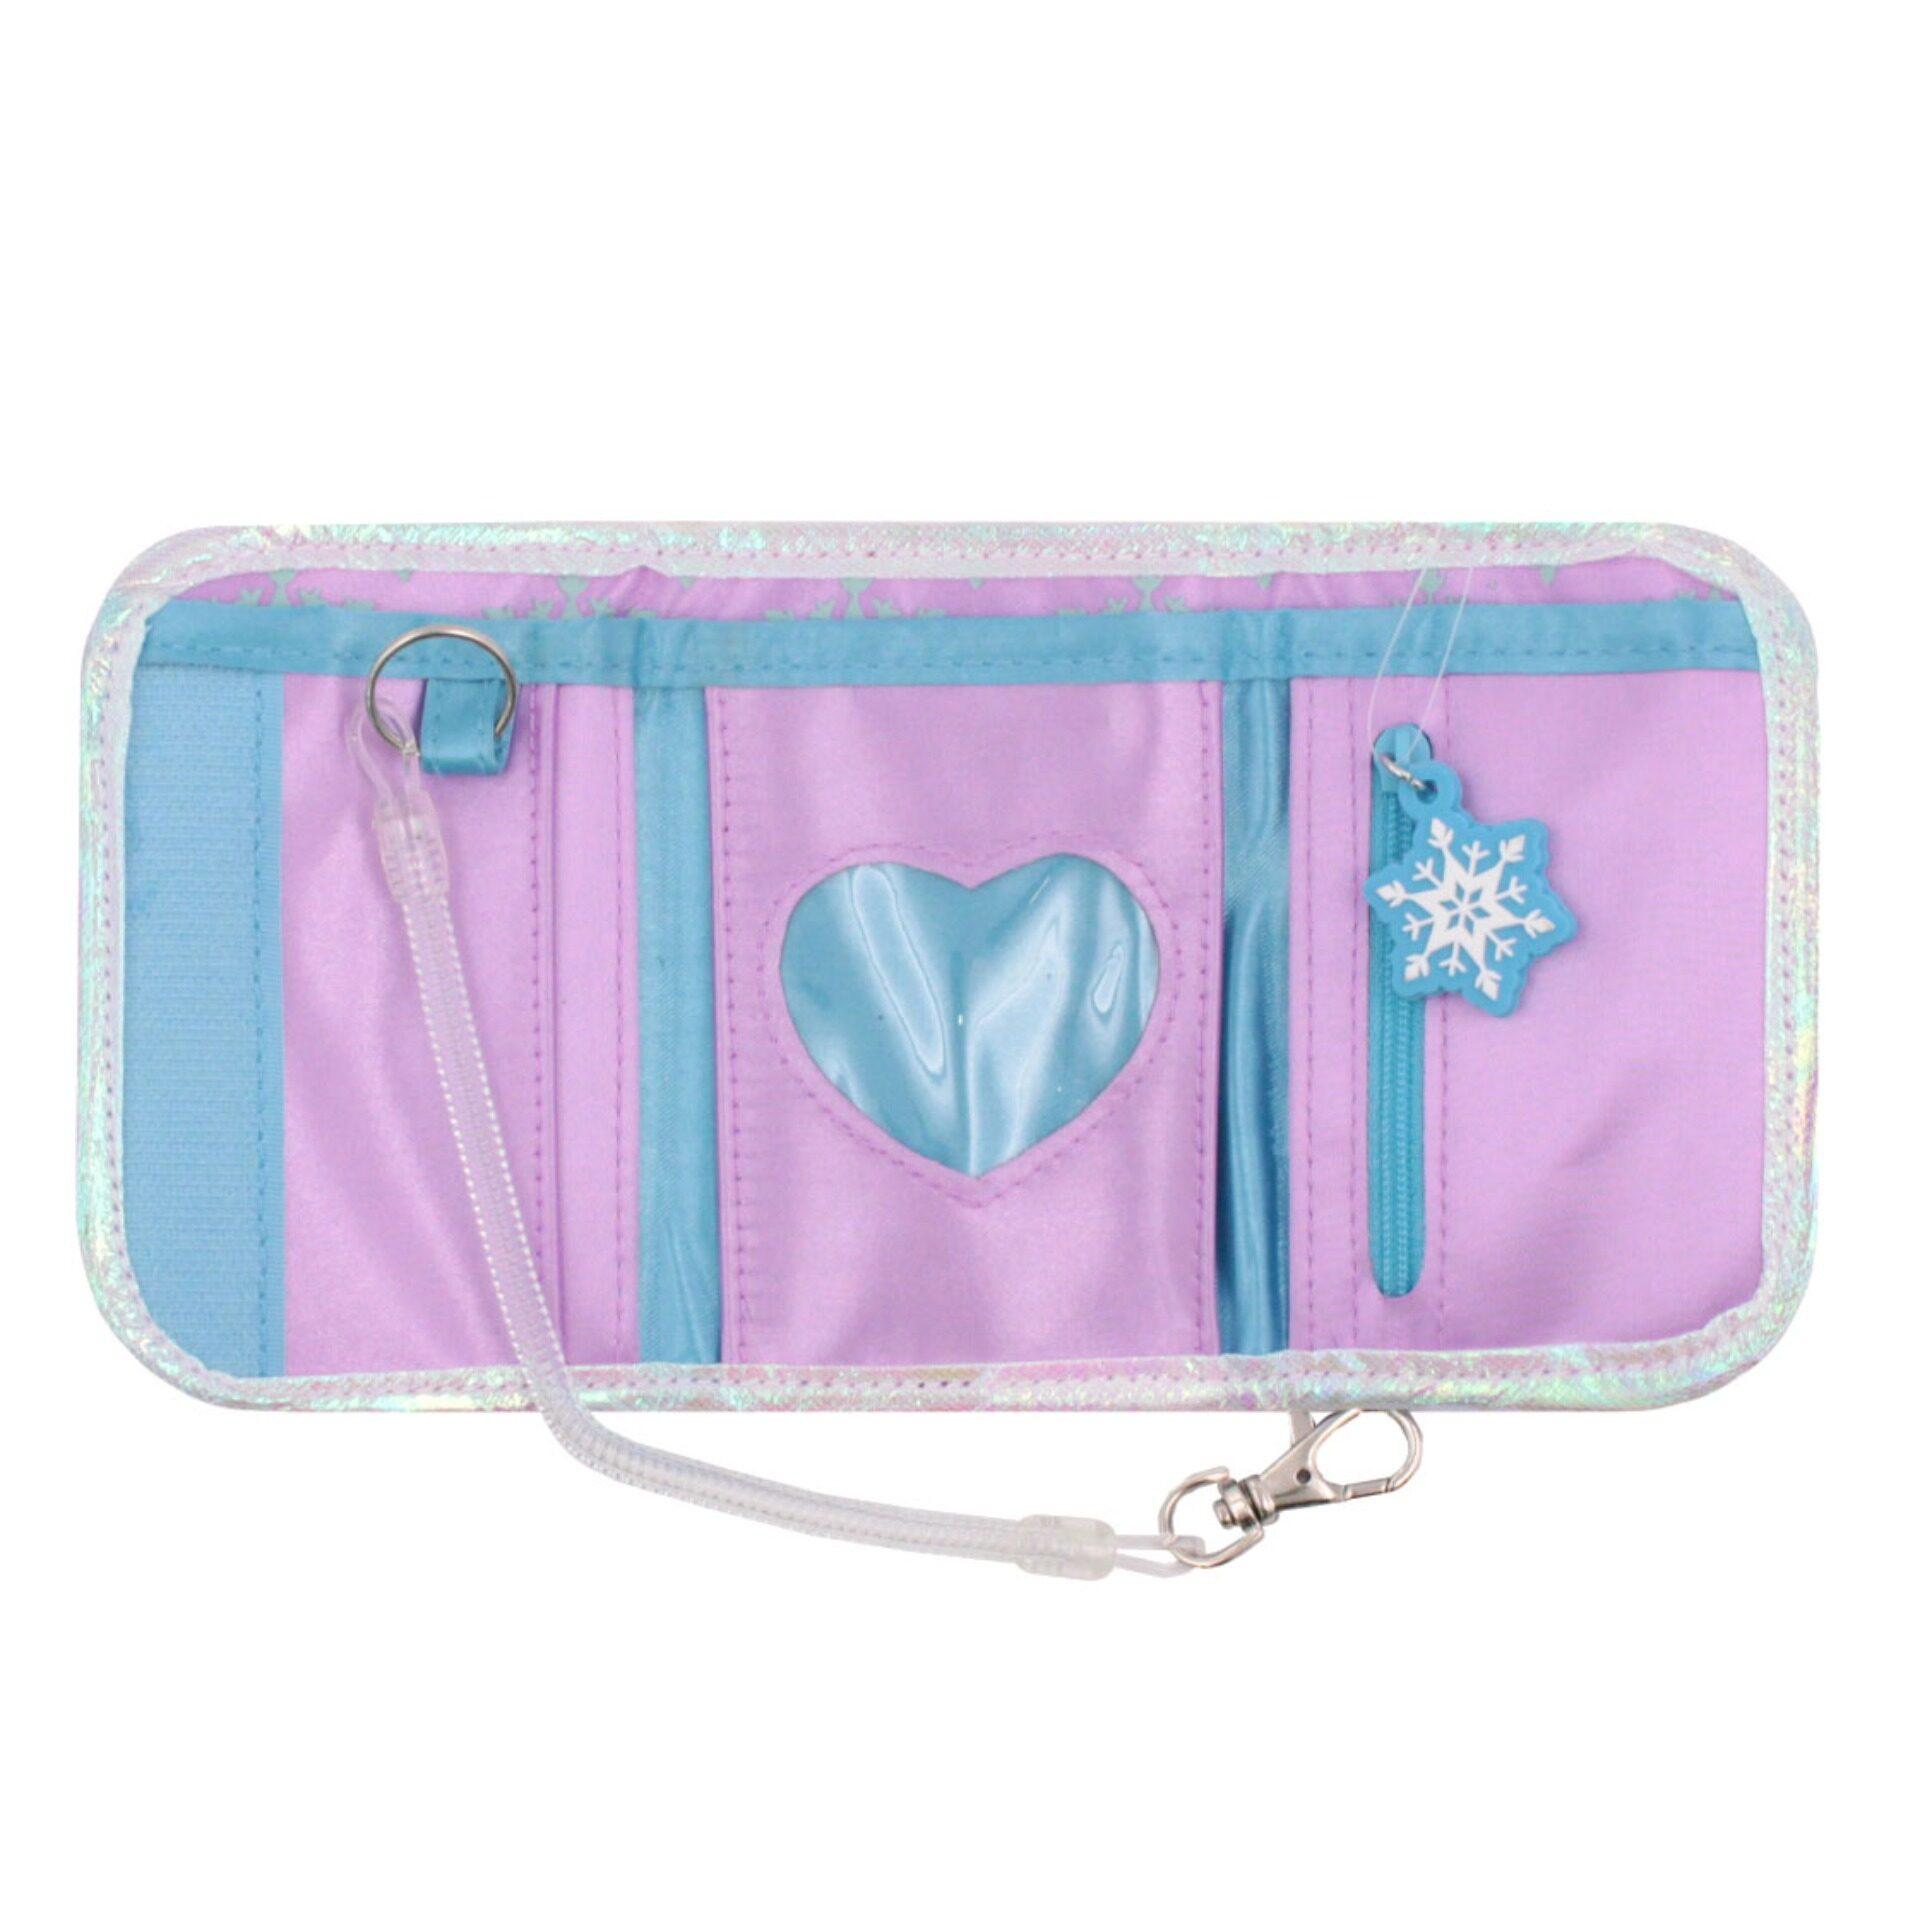 Disney Frozen 2 Princess Elsa & Anna Girls 3 Fold Wallet (Light Purple)